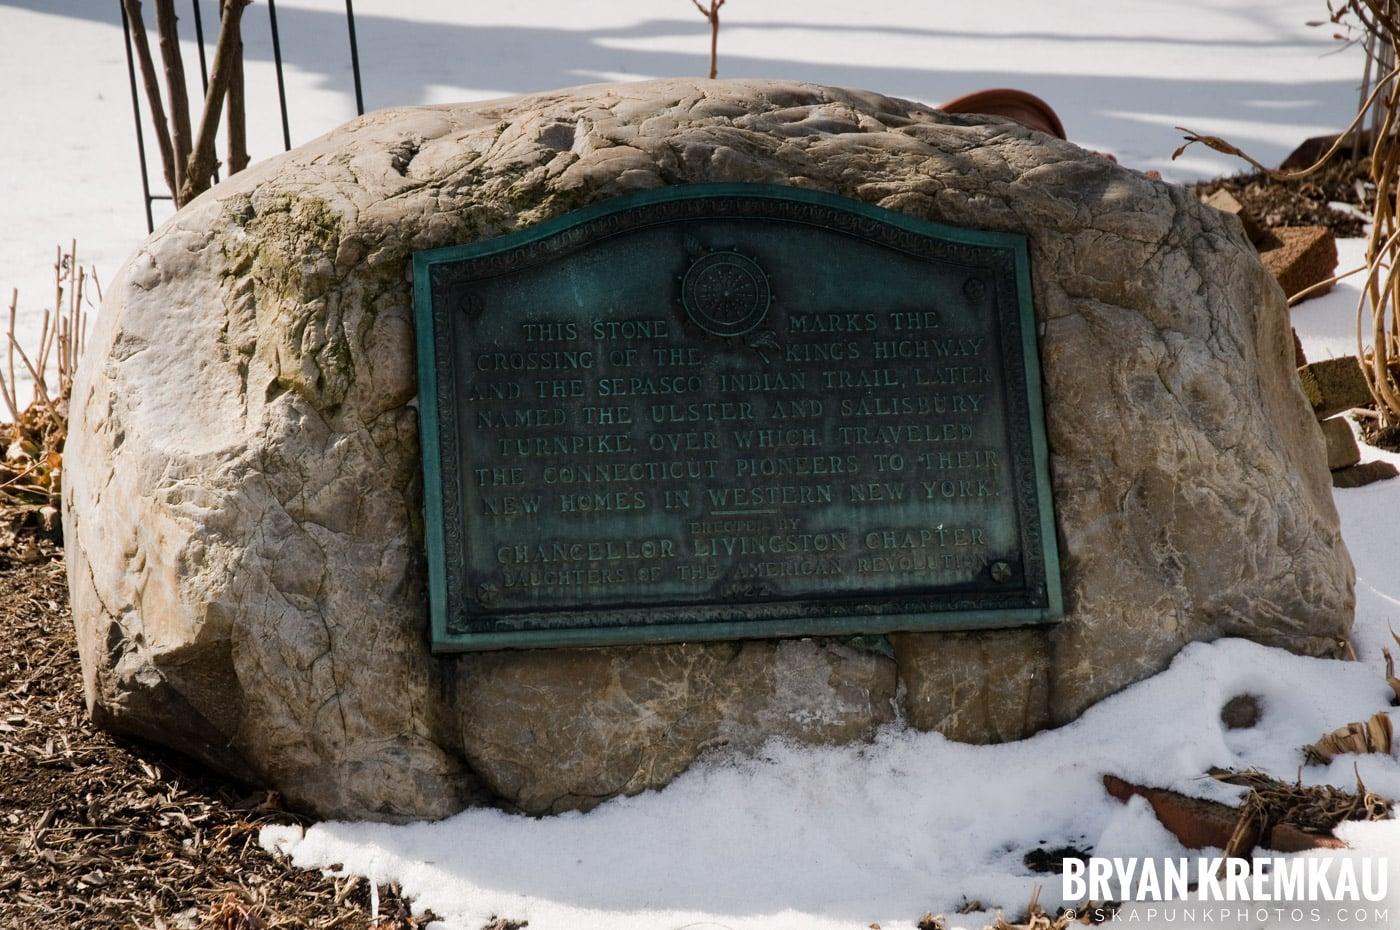 Valentine's Day Trip @ Rhinebeck, FDR's Home, Vanderbilt, Wilderstein Historic Site, NY - 2.14.10 (60)